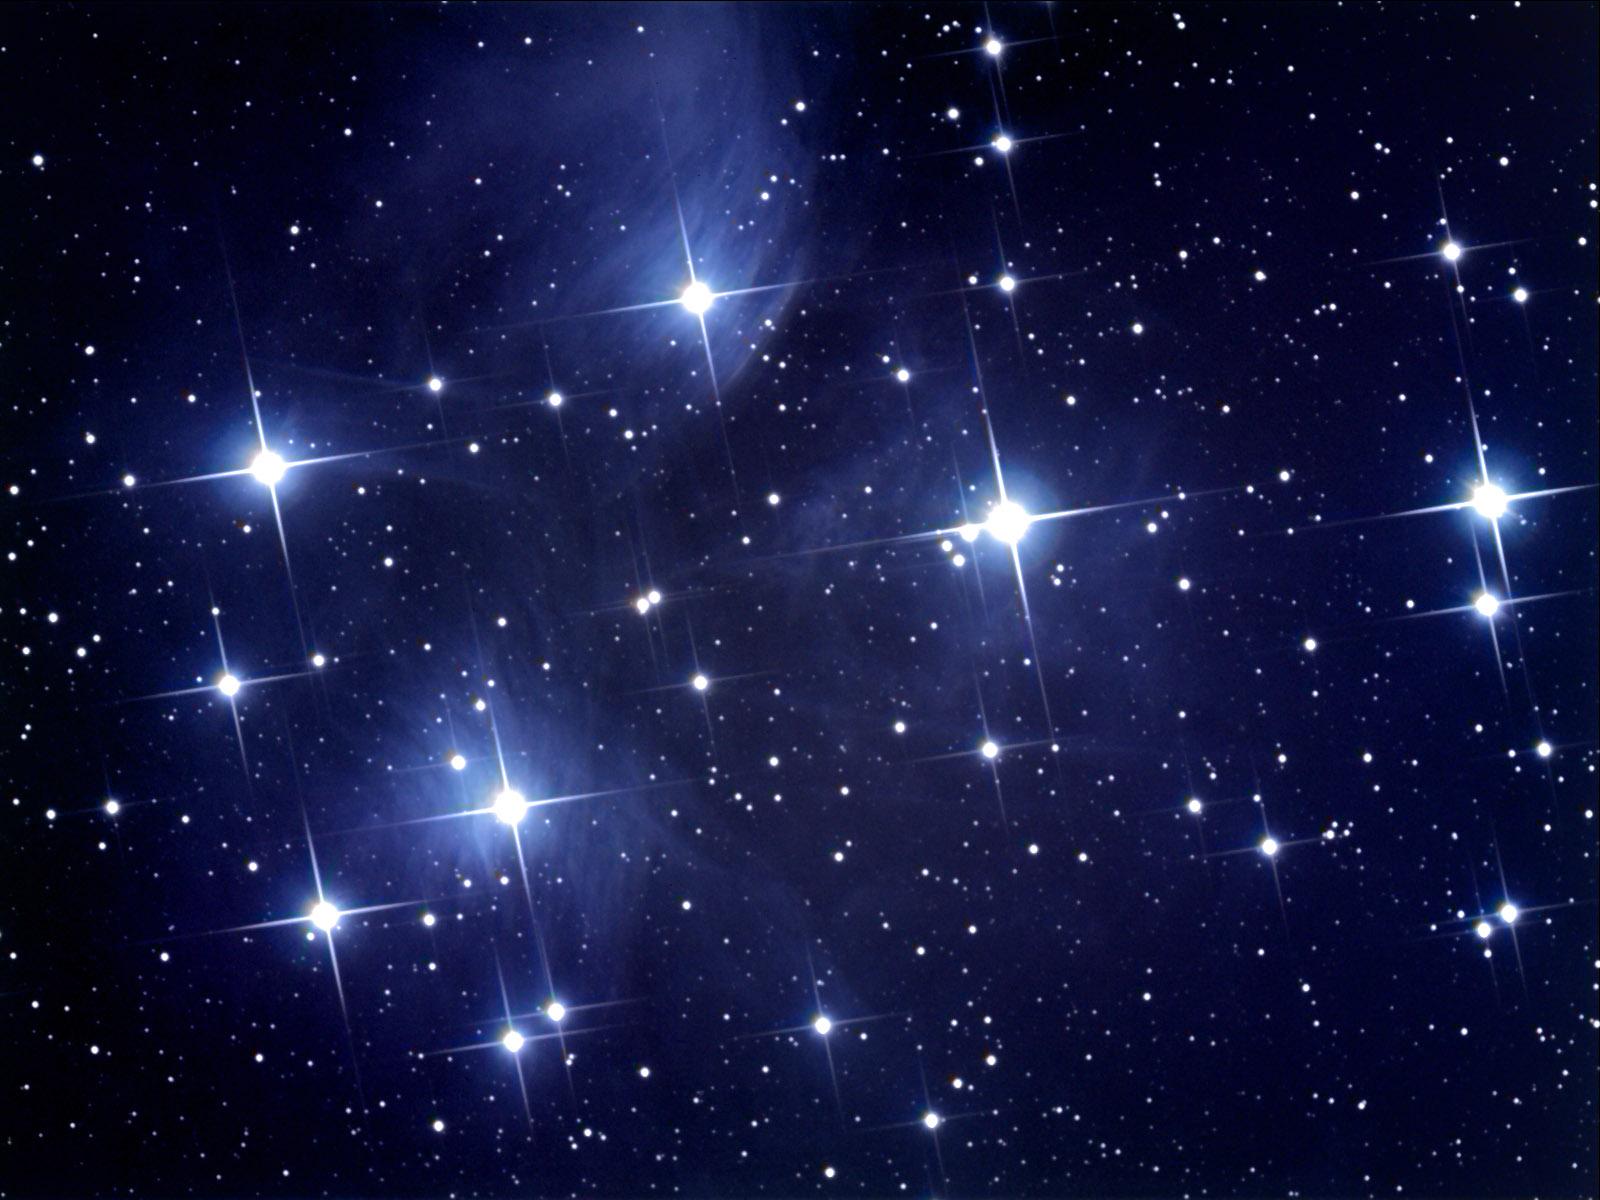 Somos como estrelas um para o outro